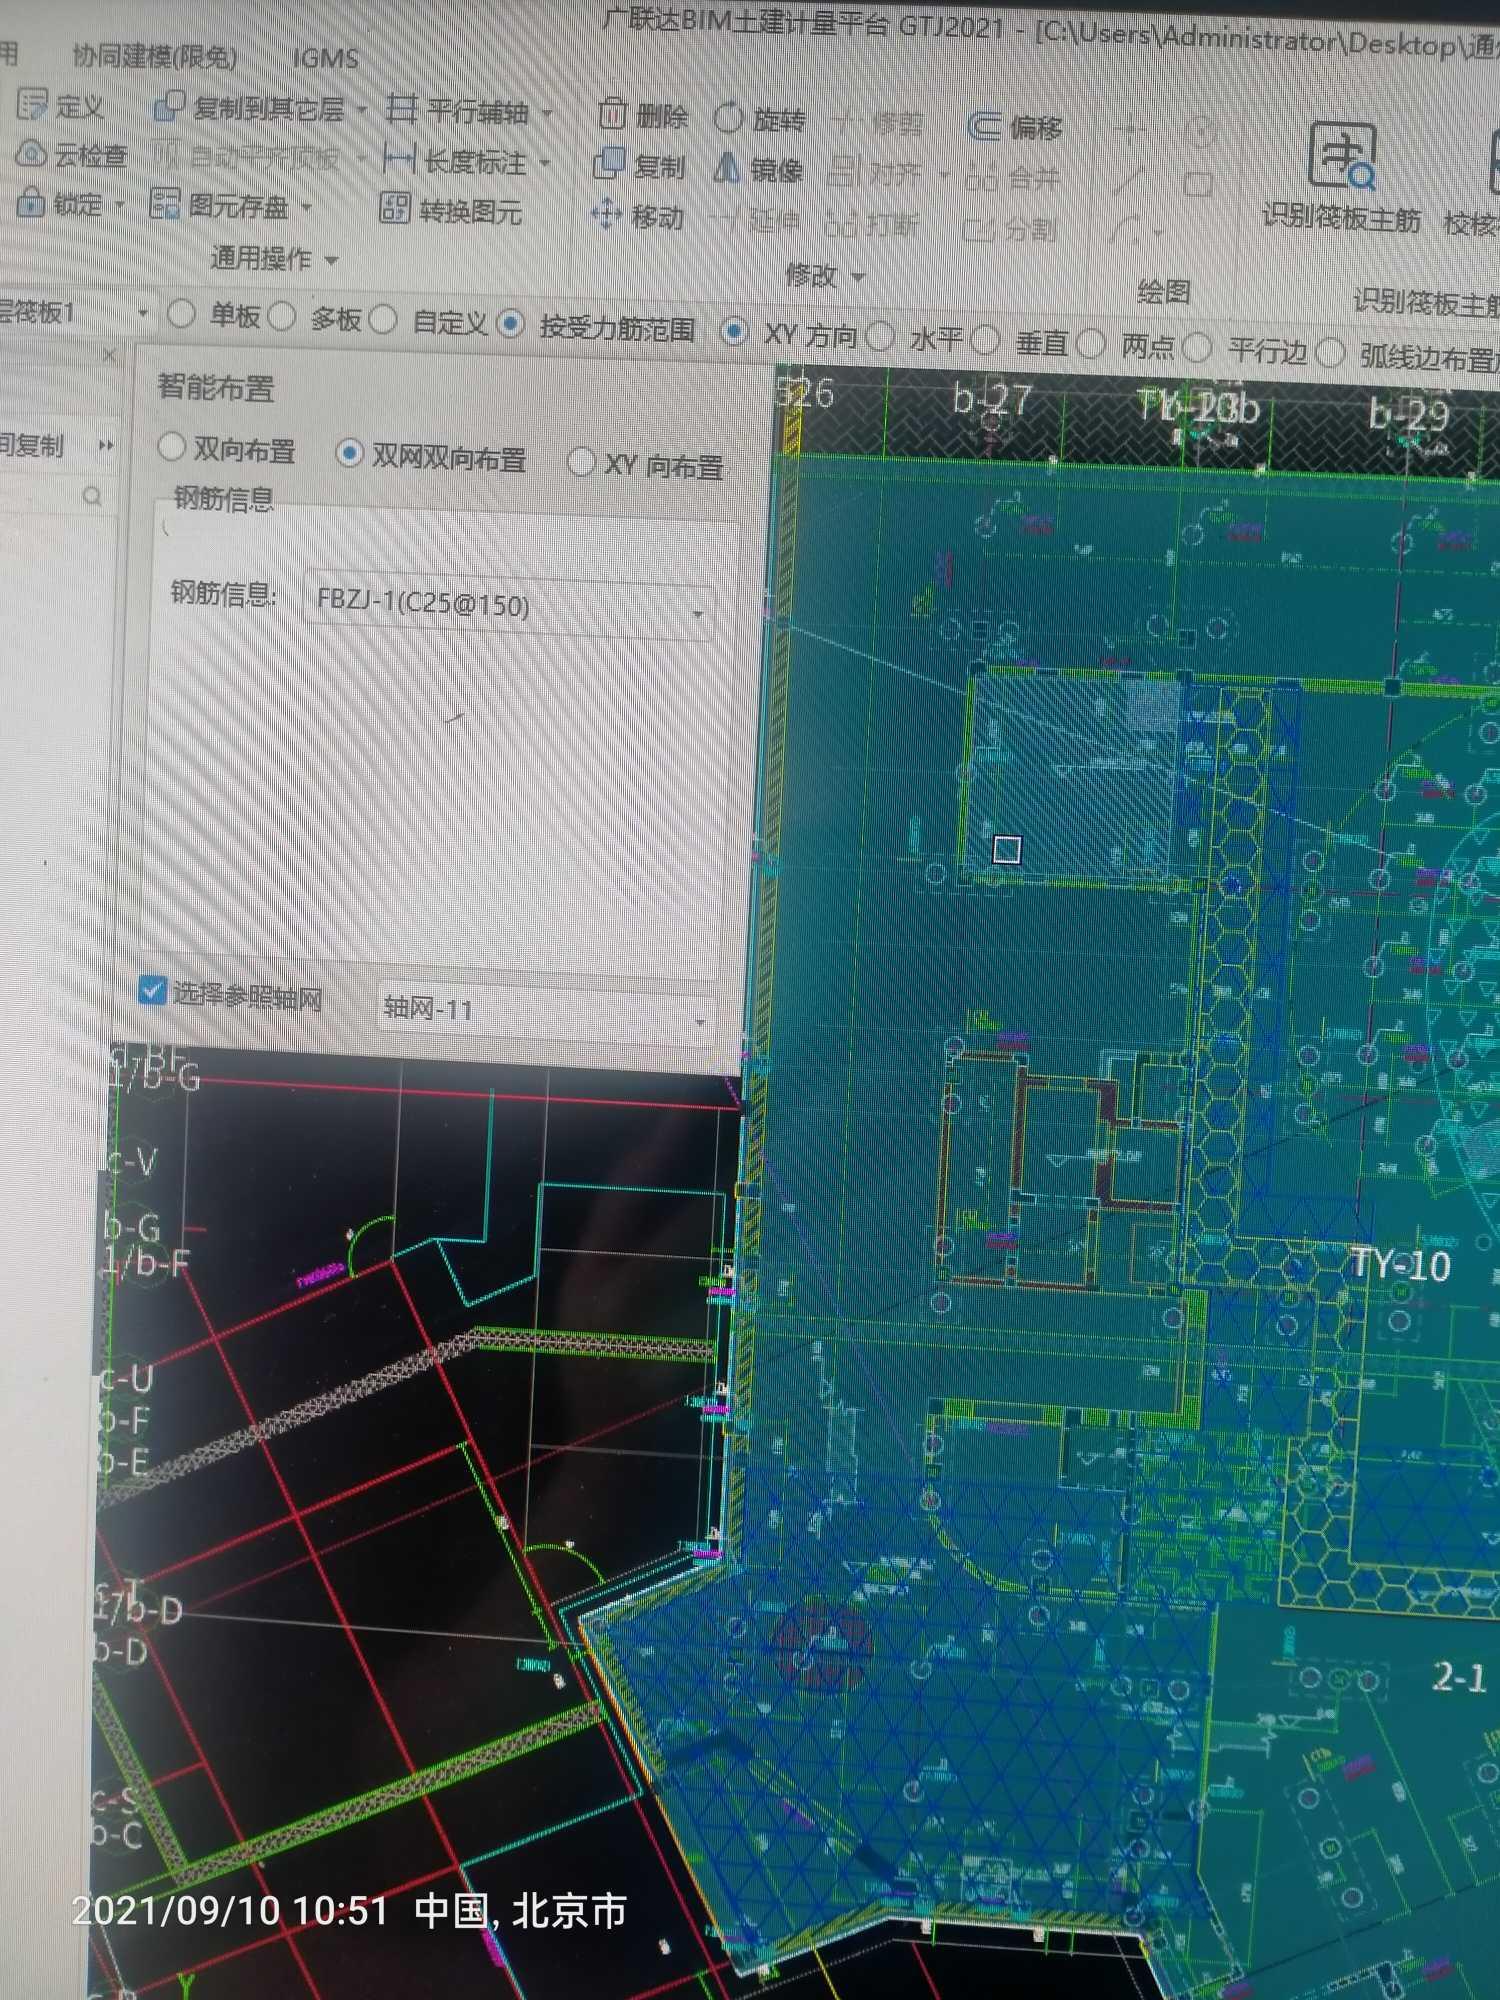 北京,土建,答疑:筏板2分割好了,如何布置受力筋-北京土建,